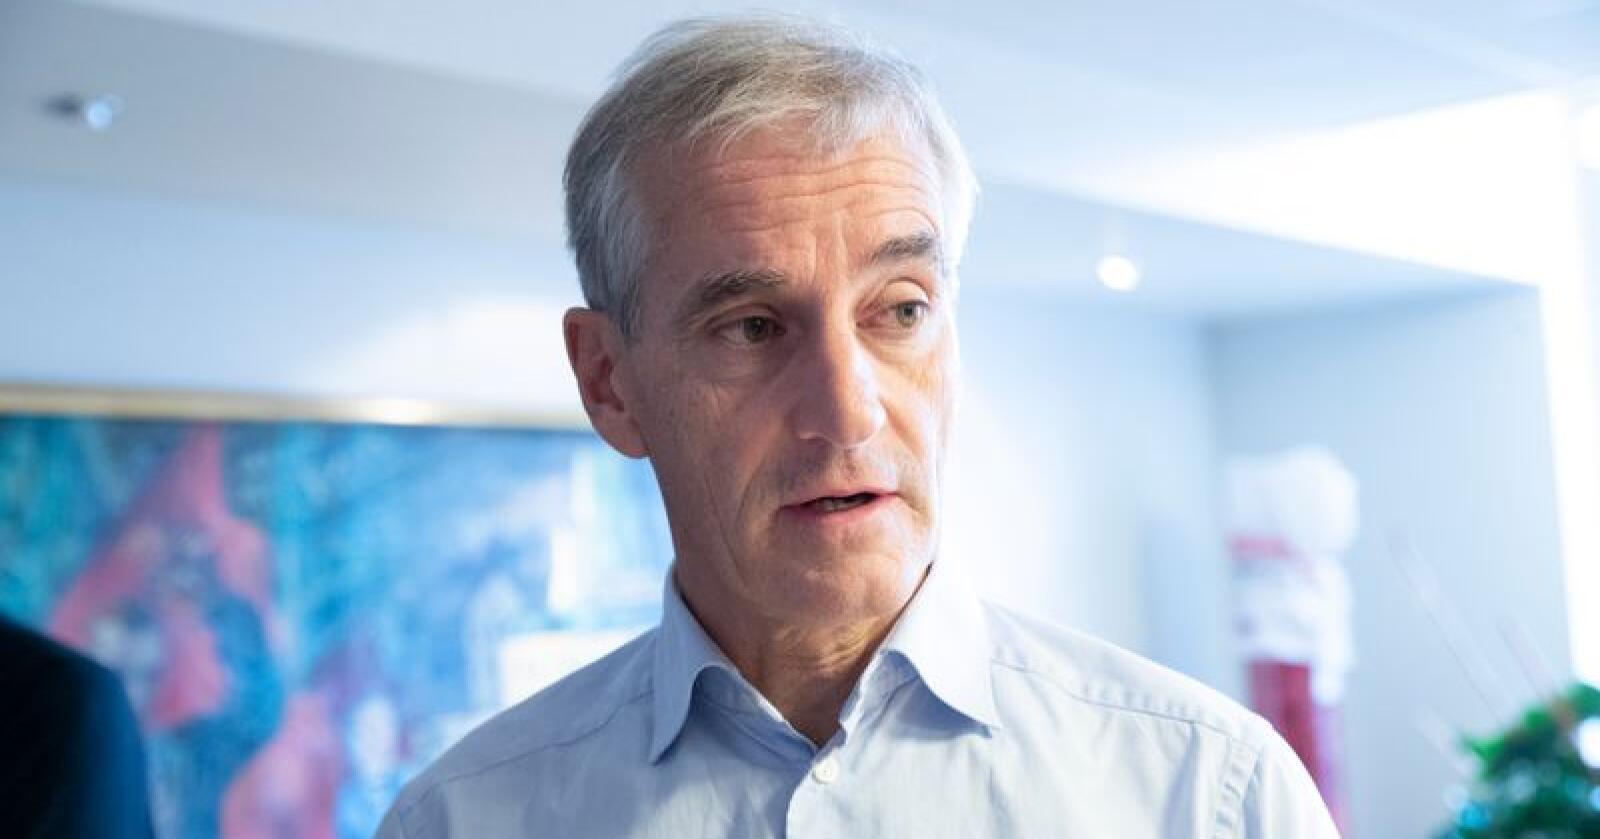 Ap-leder Jonas Gahr Støre sier det vil være «et kjennetegn ved norsk politikk framover at vi må finne sammen med andre partier, og finne gode løsninger». Foto: Terje Bendiksby / NTB scanpix